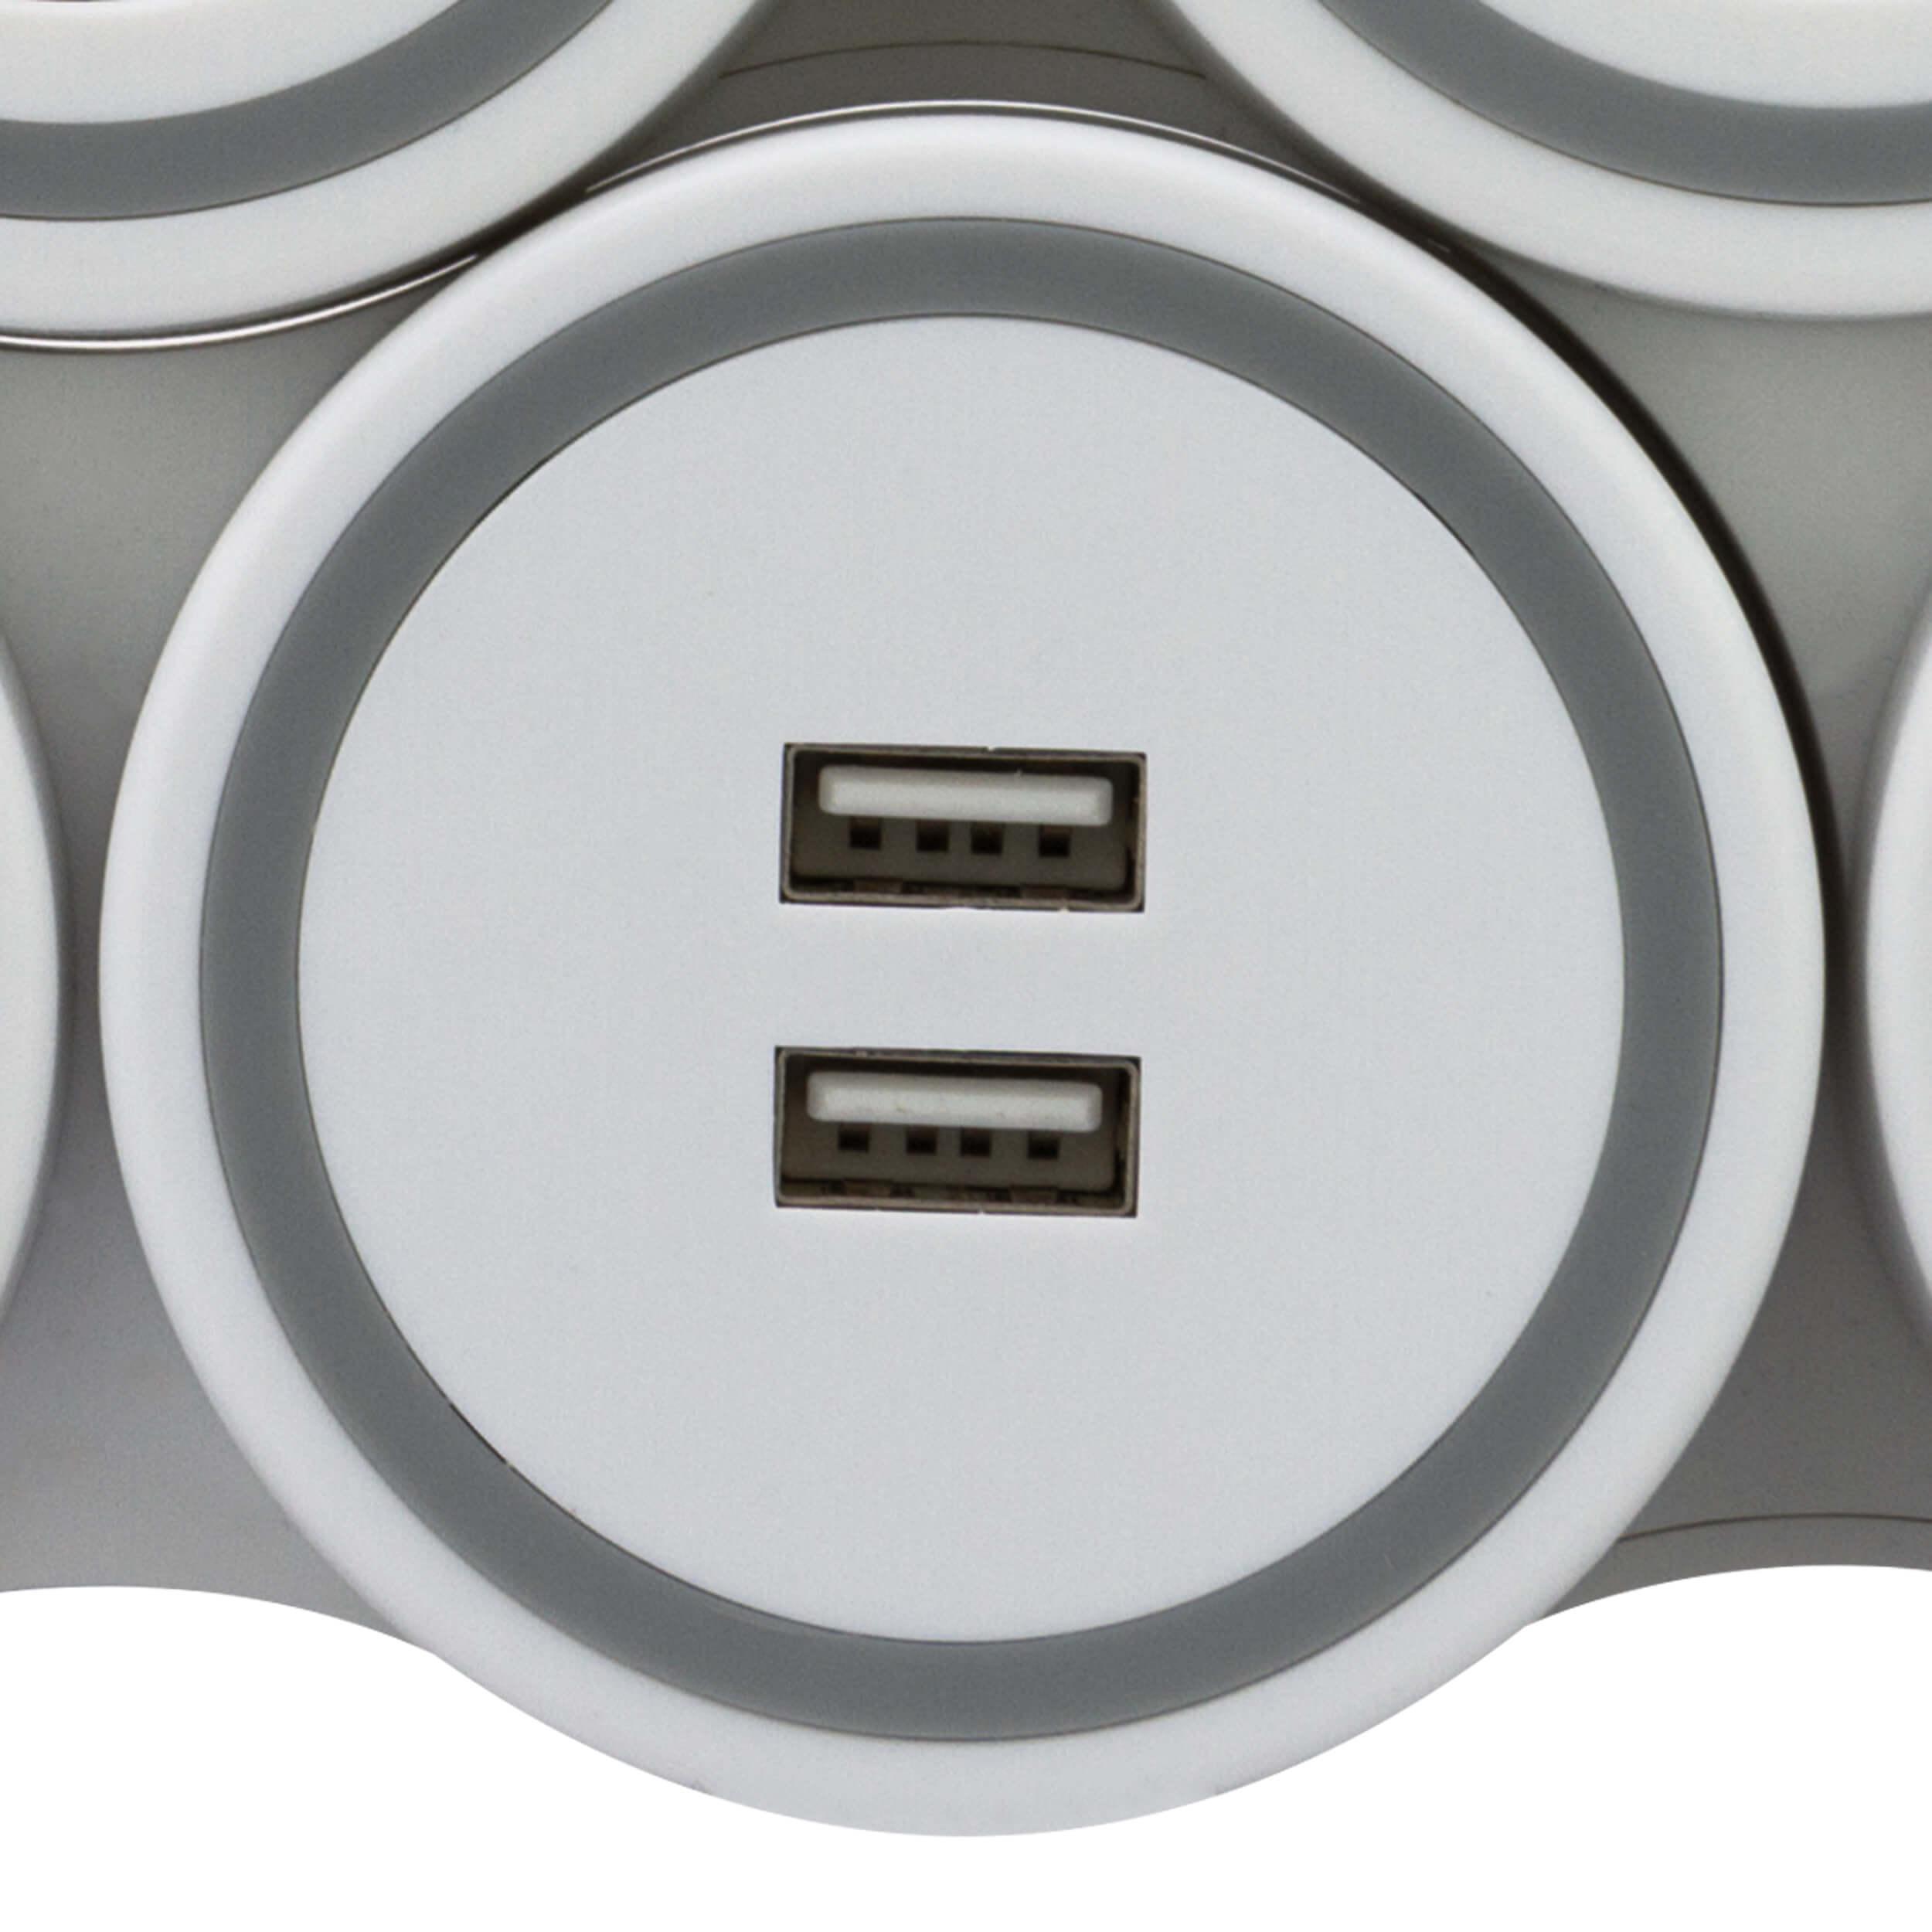 Steckdosenleiste SupraFlex - flexibel an die Umgebung anpassbar, 4-fach + 2x USB, bis 3500W, Zuleitung 140cm